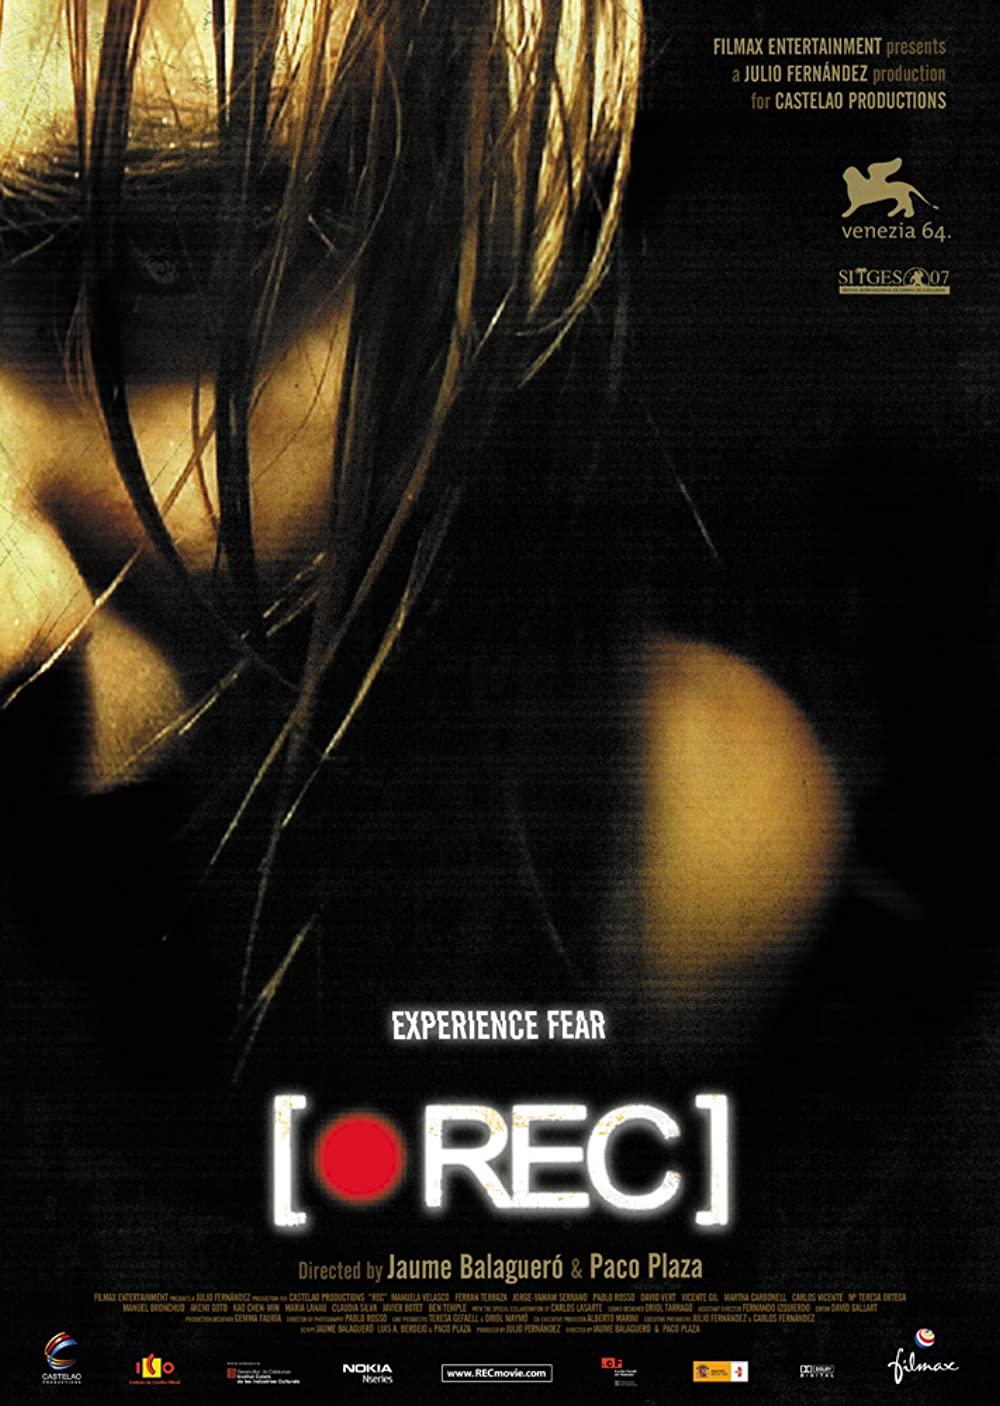 Film Horor Spanyol Terpopuler Berdasarkan Peringkat II